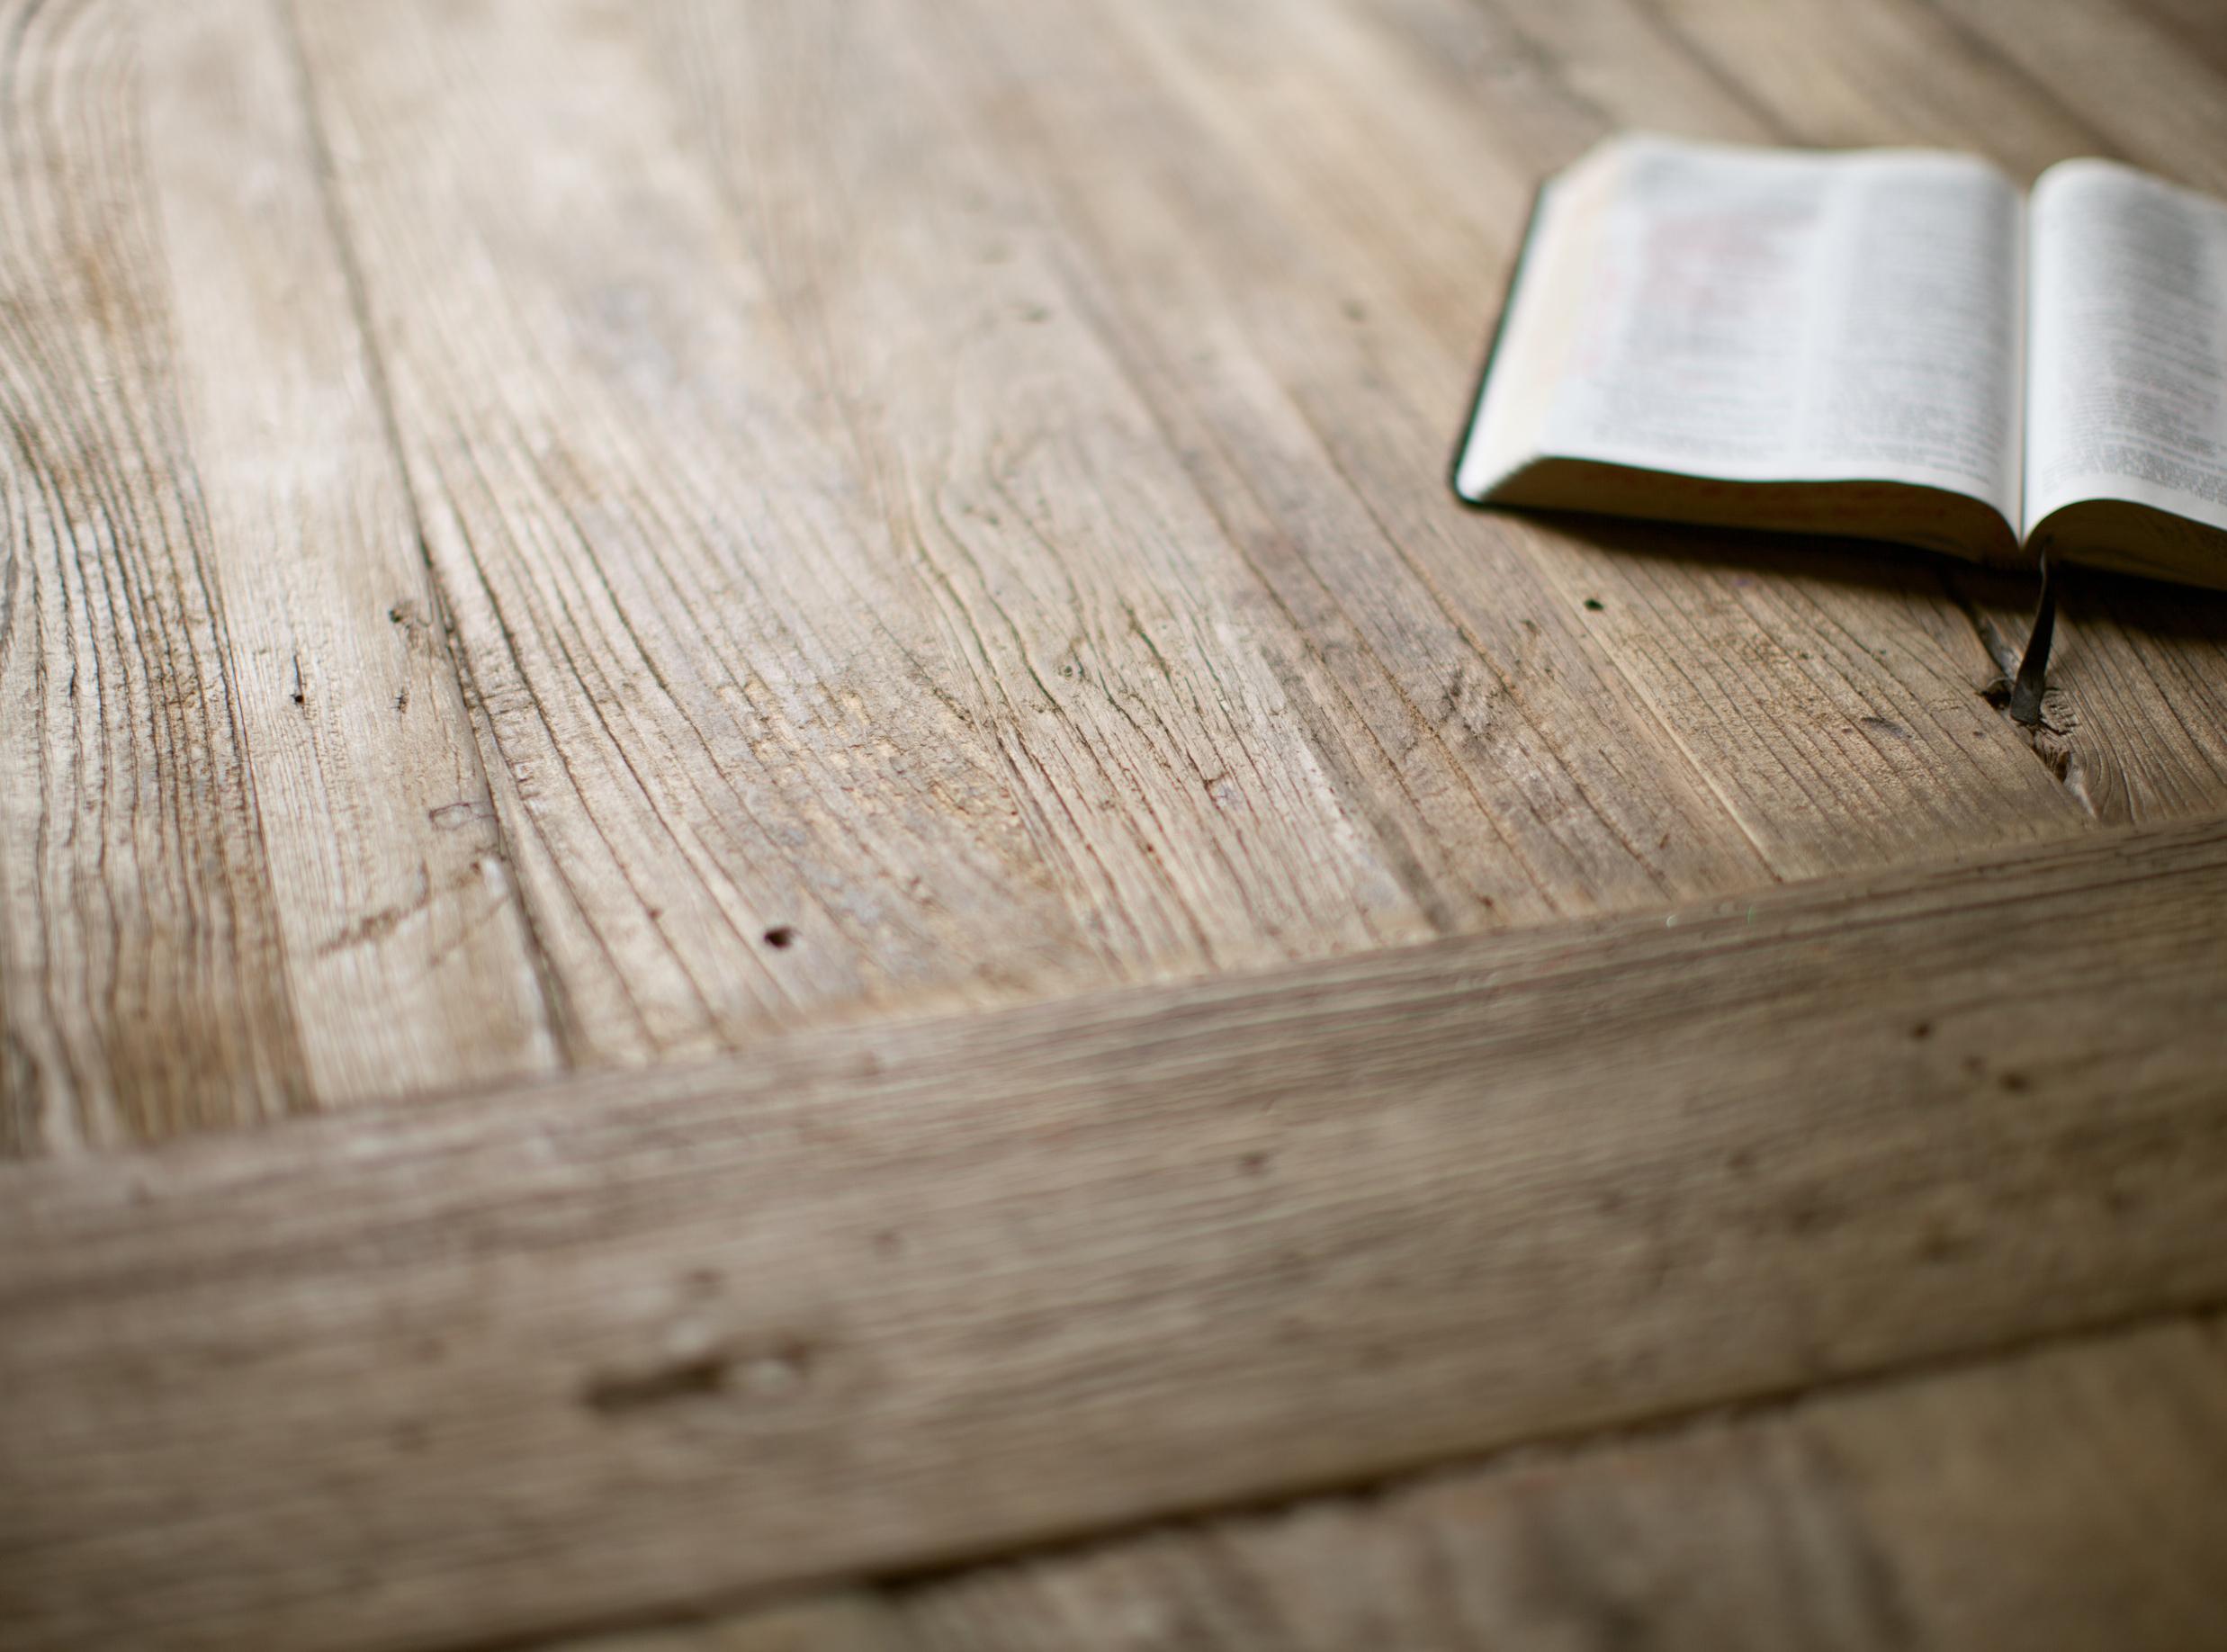 fond-sola-scriptura